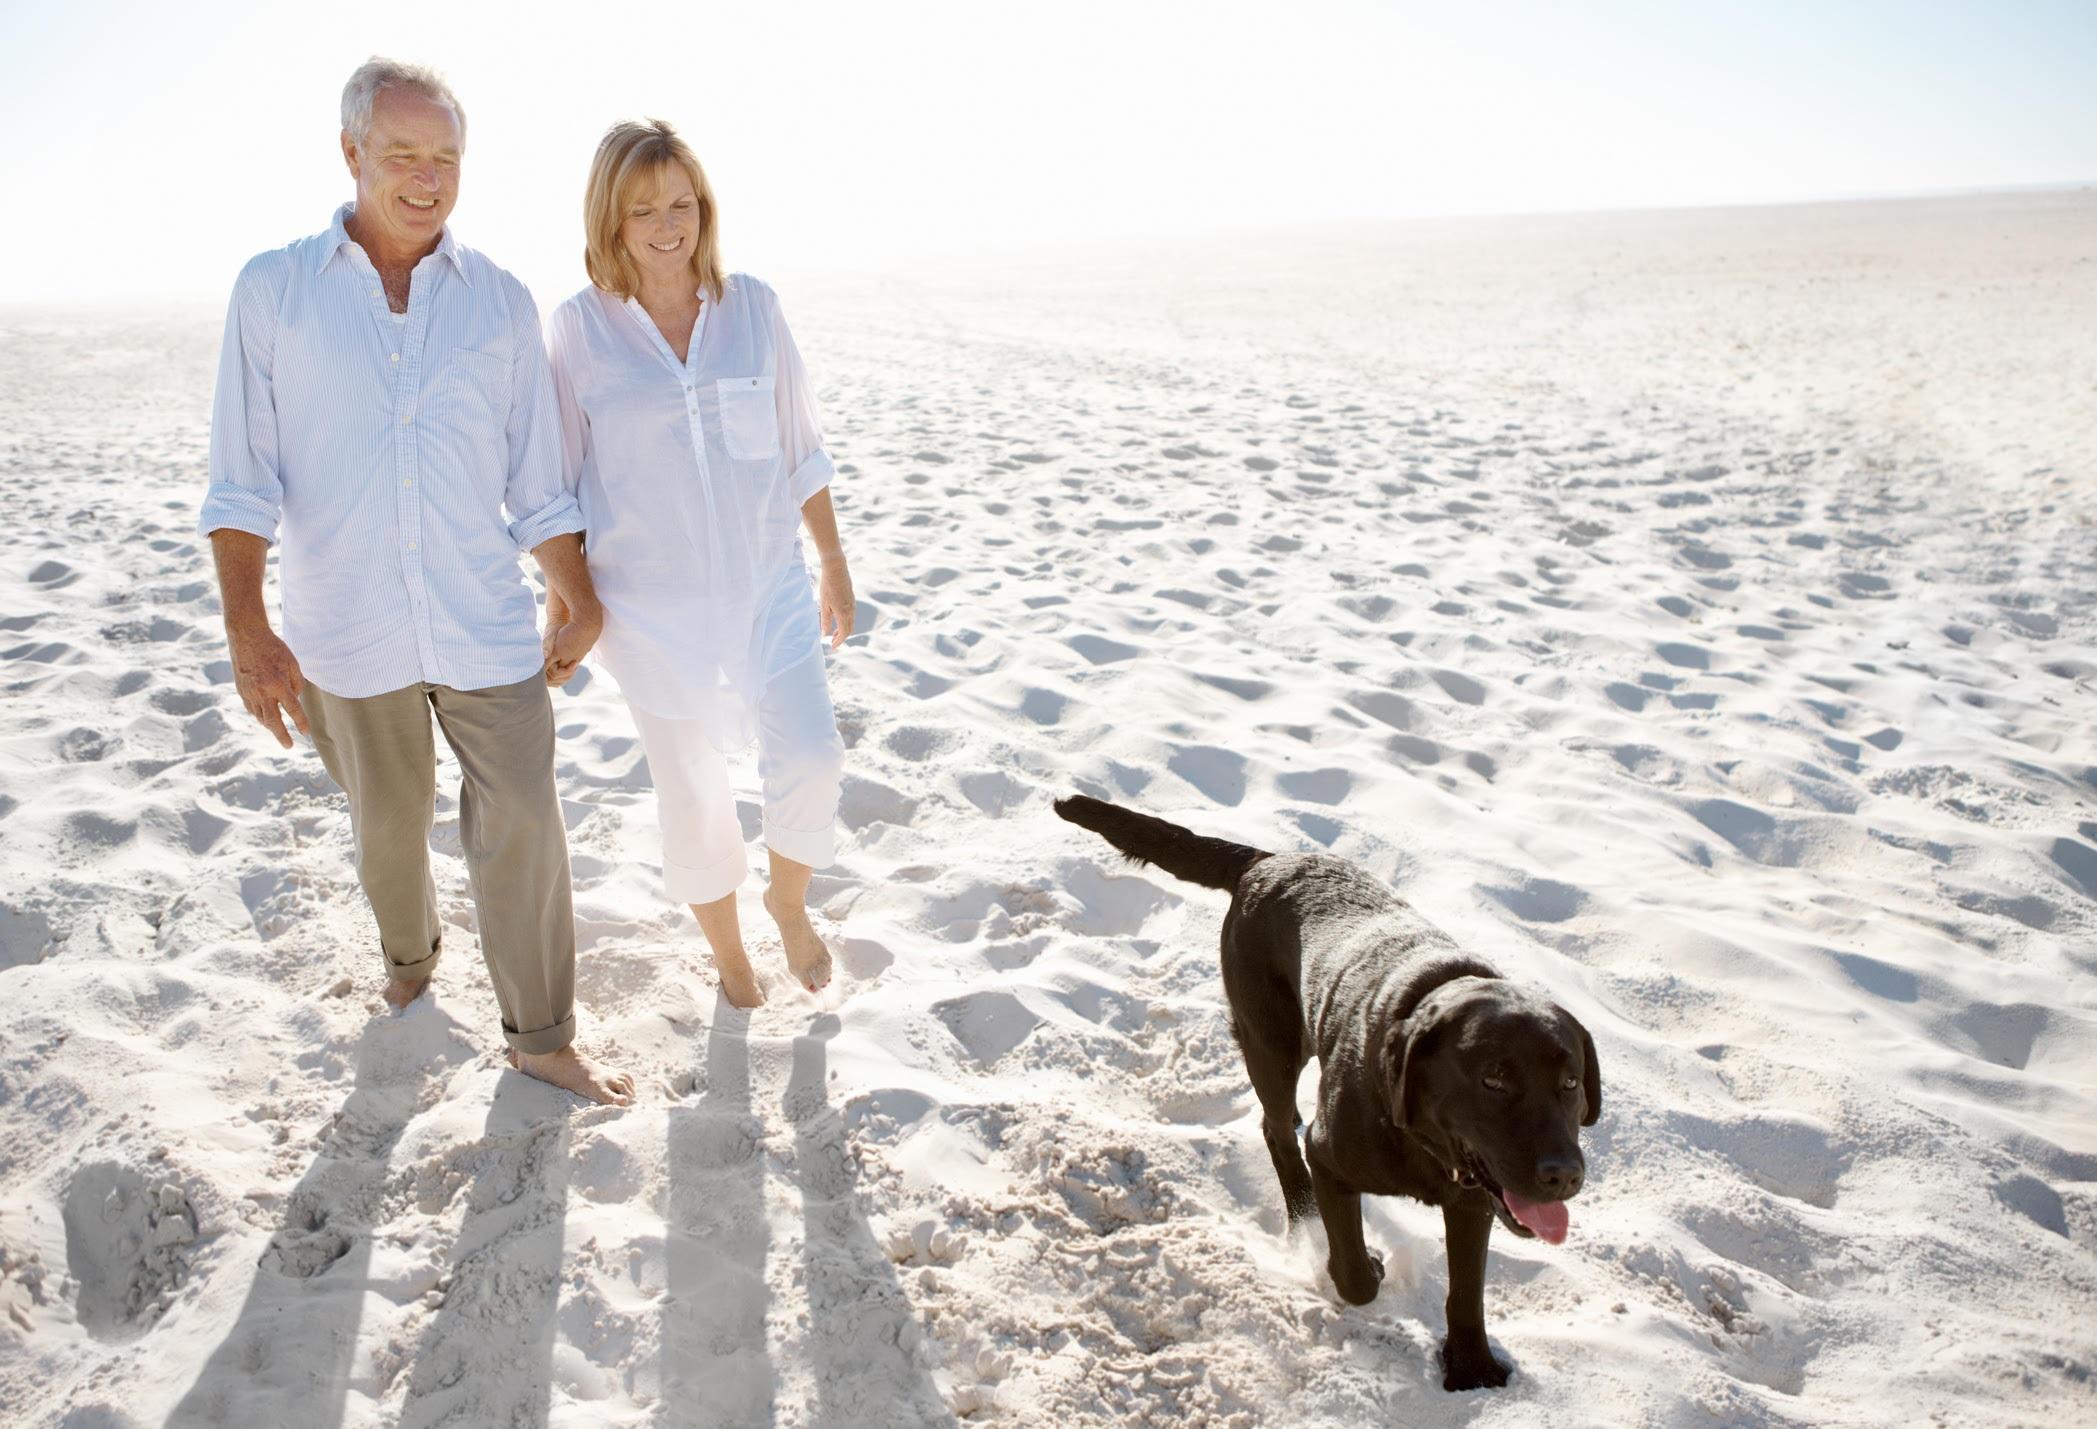 Elderly couple on a beach with their dog.